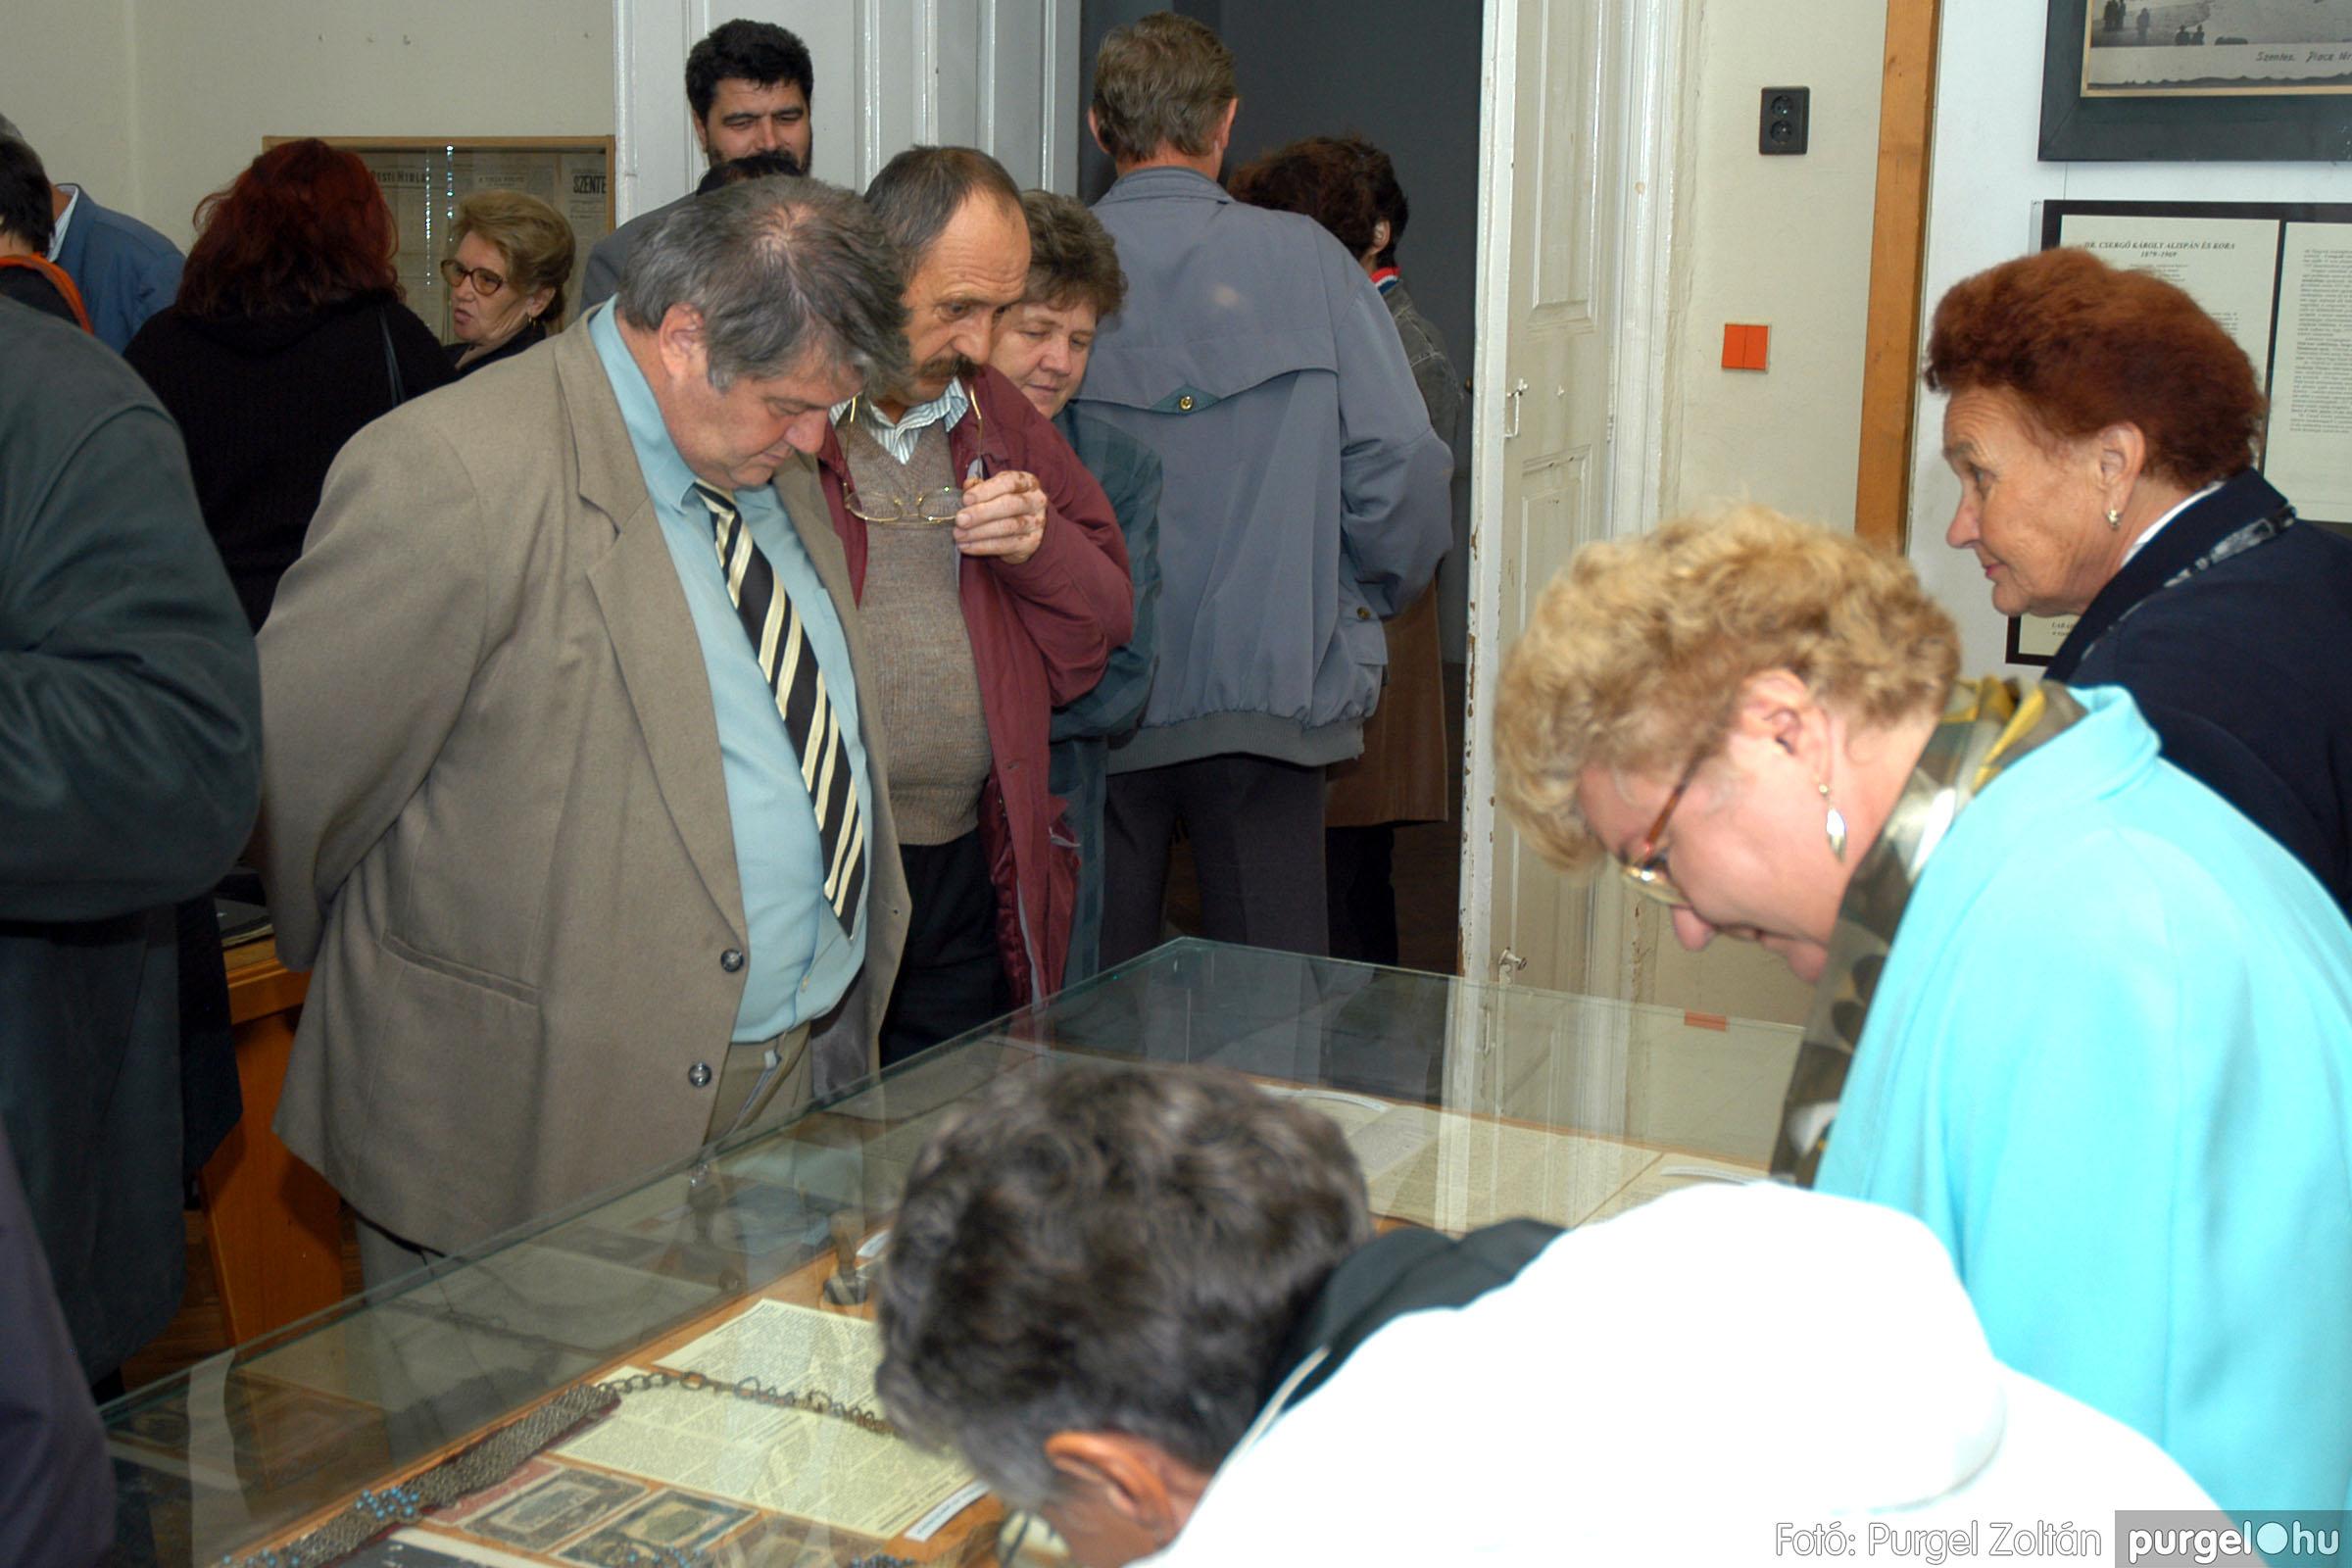 2004.09.25. 017 Dr. Csergő Károly alispán és kora című kiállítás és emléktábla avatás - Fotó:P. Z.©.jpg